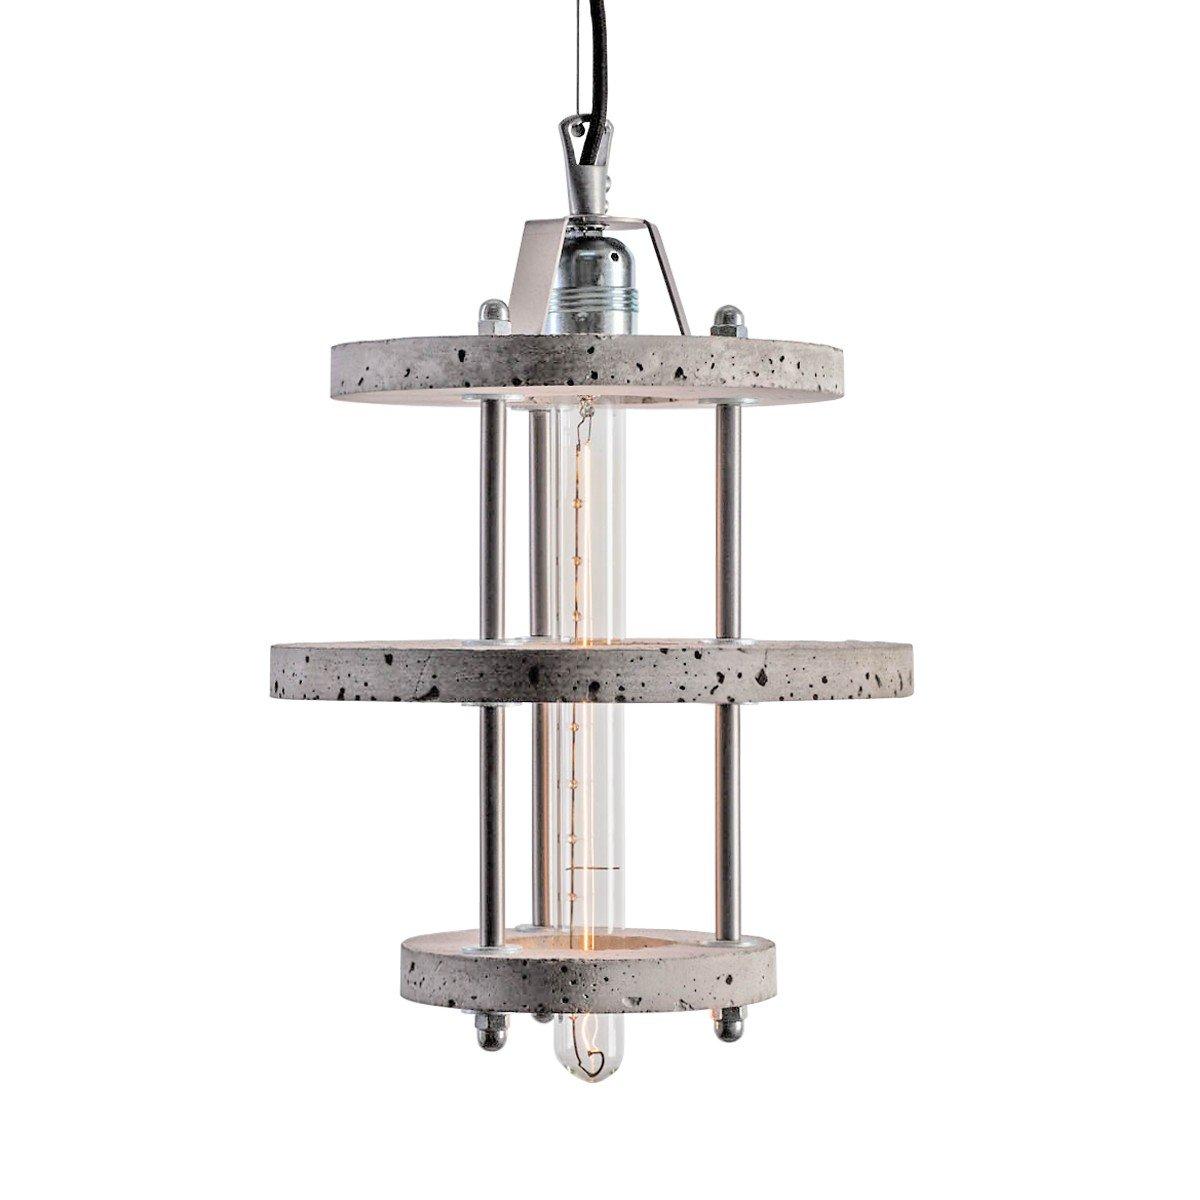 Modell Levels 3BCA Lampe aus grauem Zement von Adrian Purga?